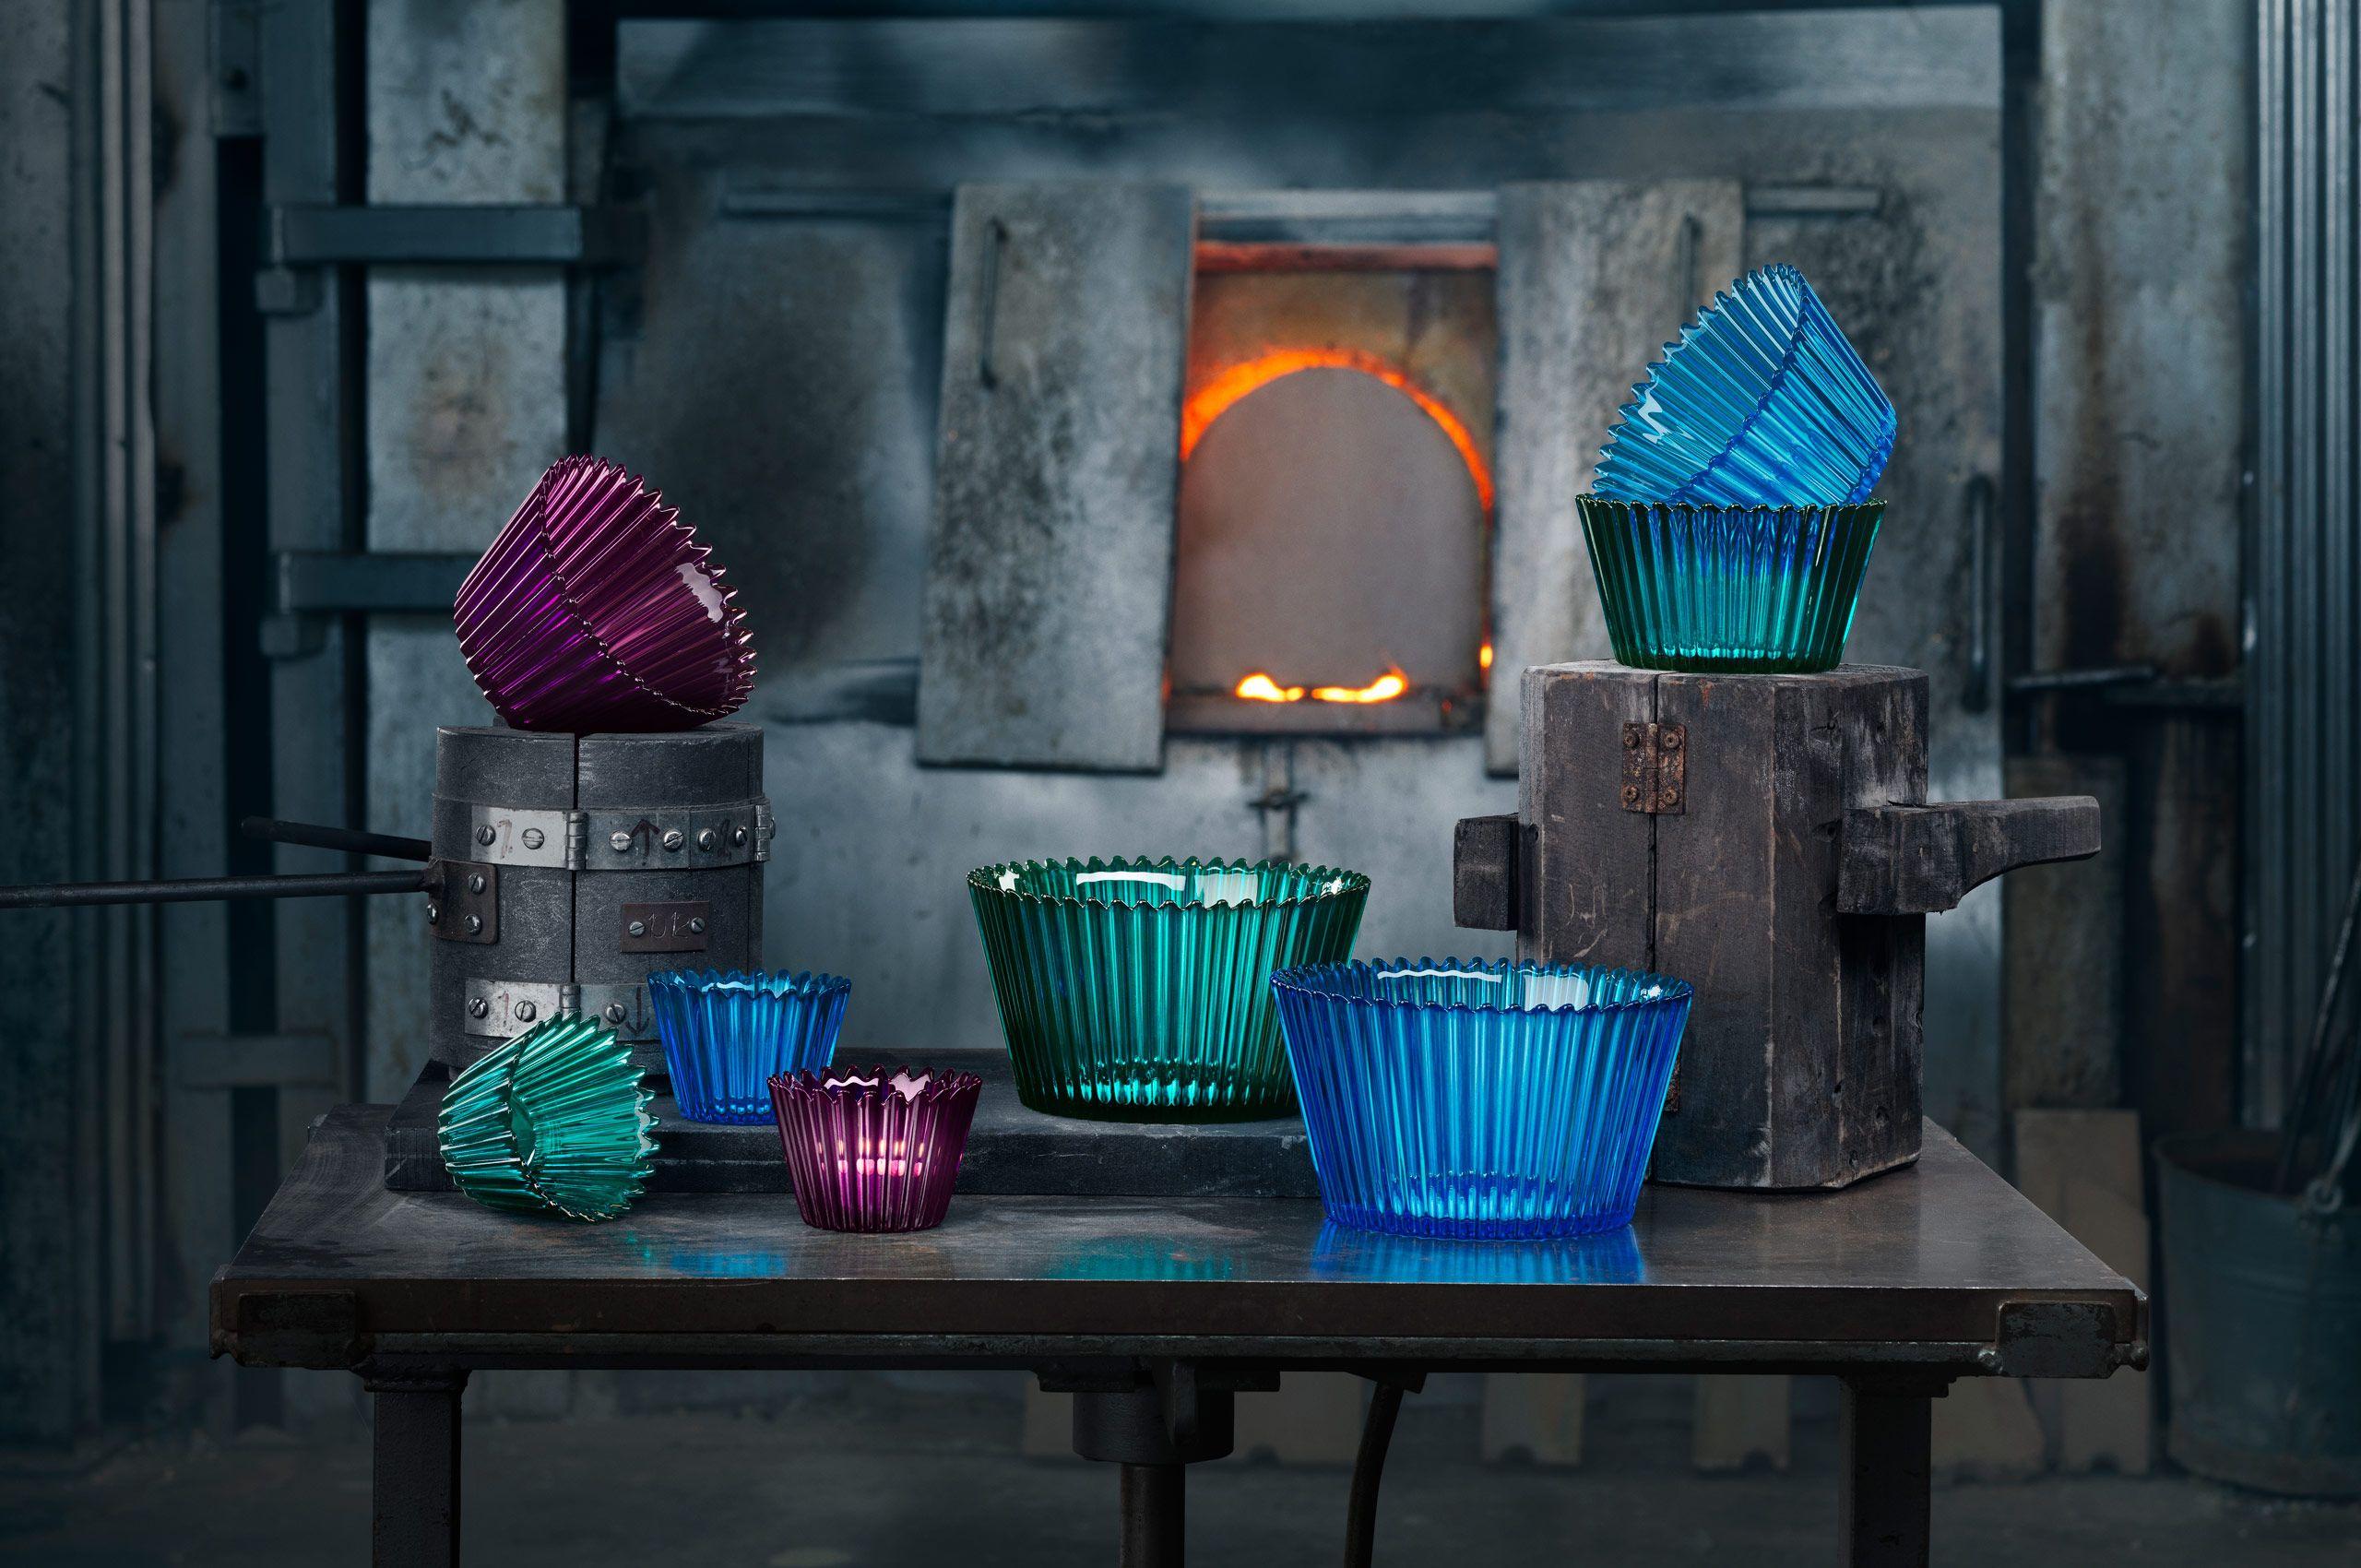 faszination glas und porzellan zerbrechliches design aus skandinavien. Black Bedroom Furniture Sets. Home Design Ideas